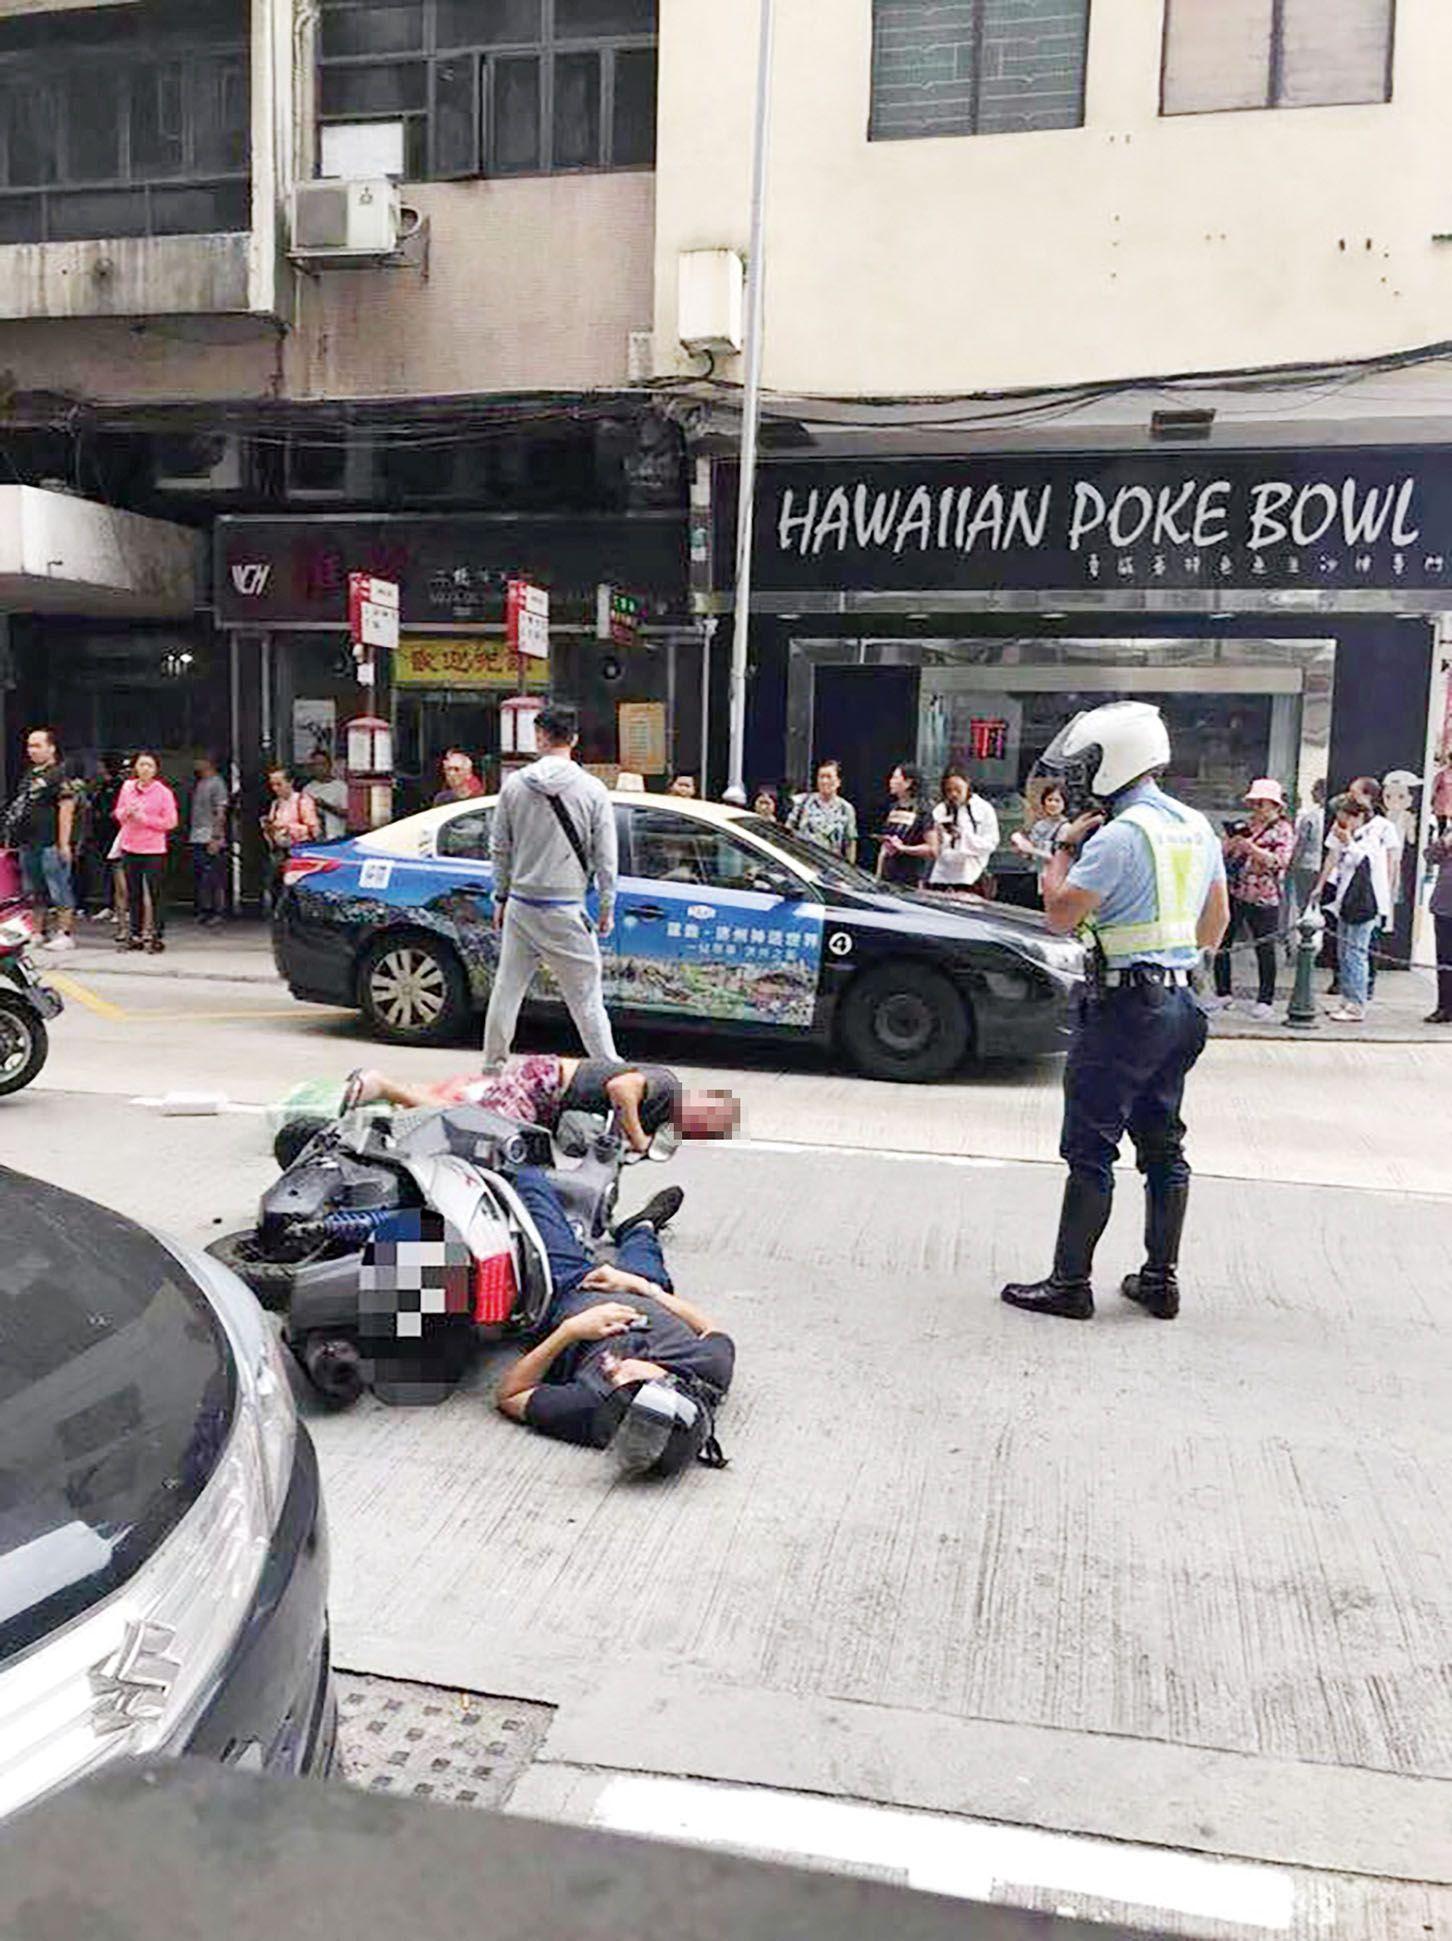 車翻人倒 頭盔飛脫數米外 五旬騎士昏迷送院